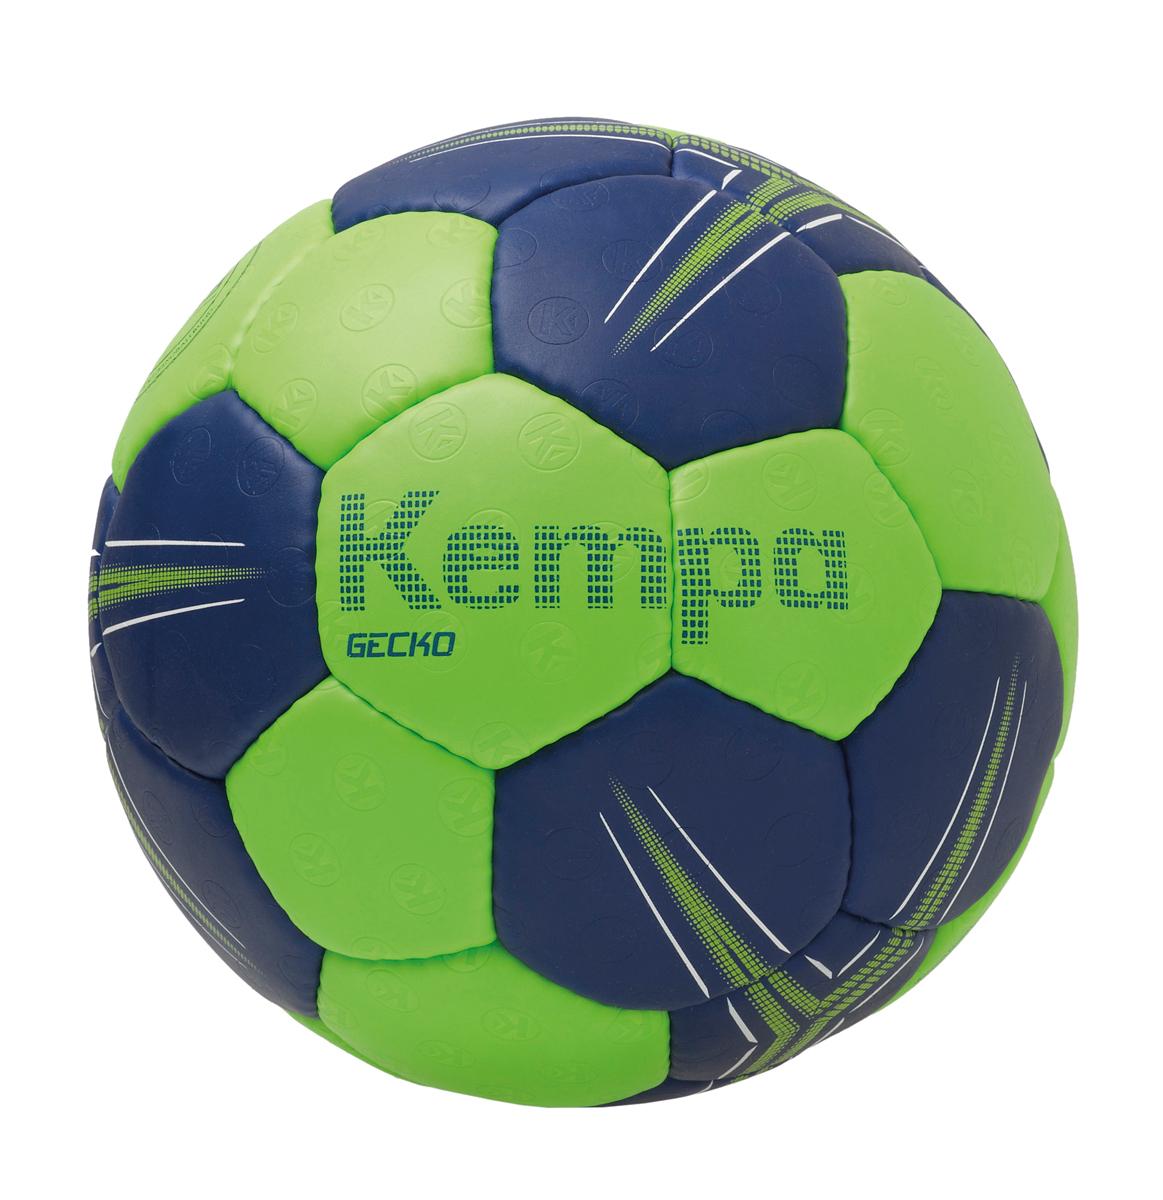 Image of   Kempa Gecko Handball - Størrelse 0 - Flash Grøn / Deep Blue